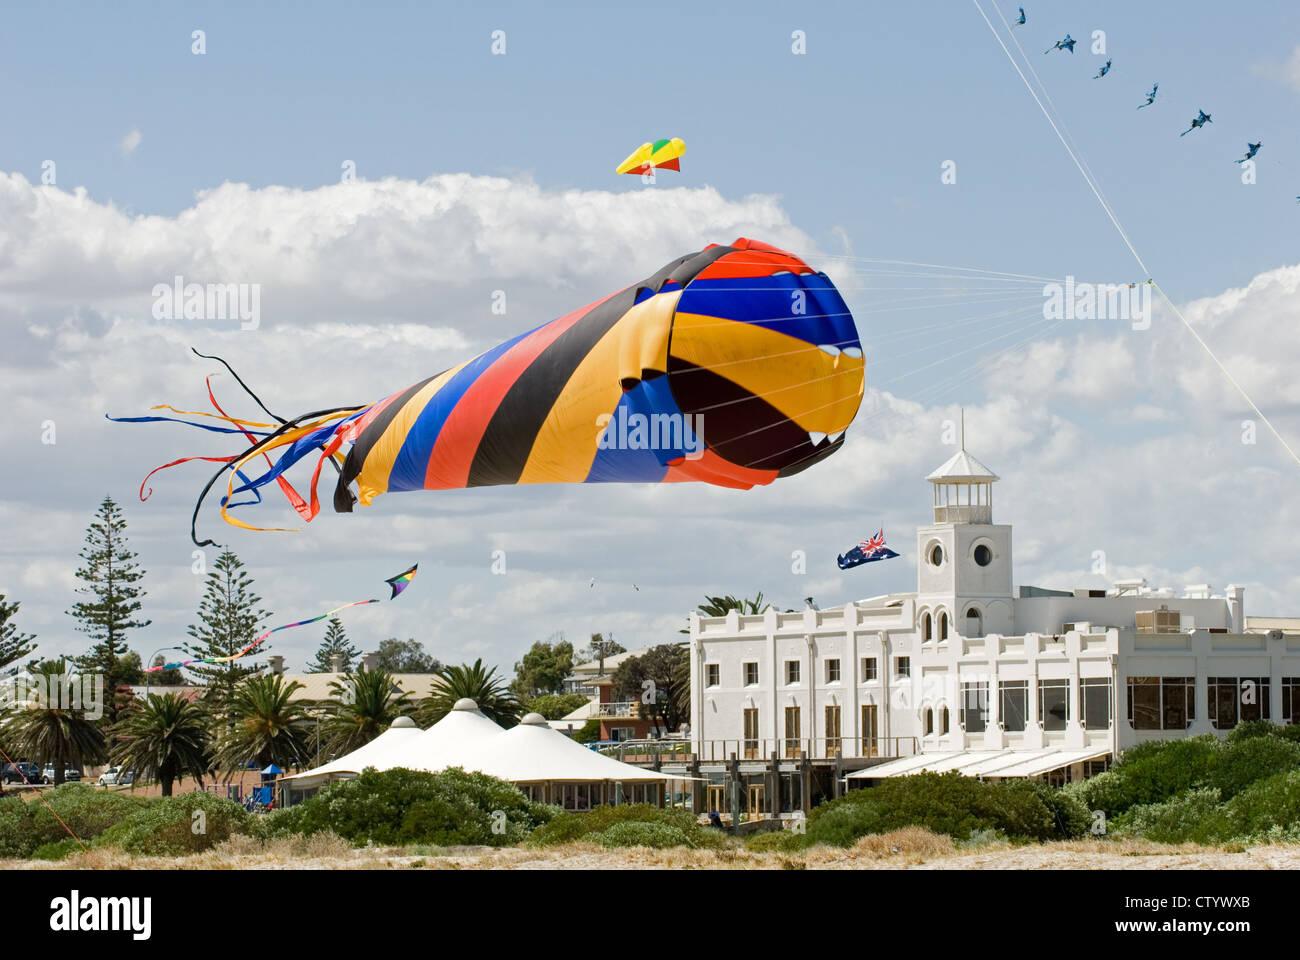 Adelaide Kite Festival held annually, Semaphore Beach, South Australia - Stock Image